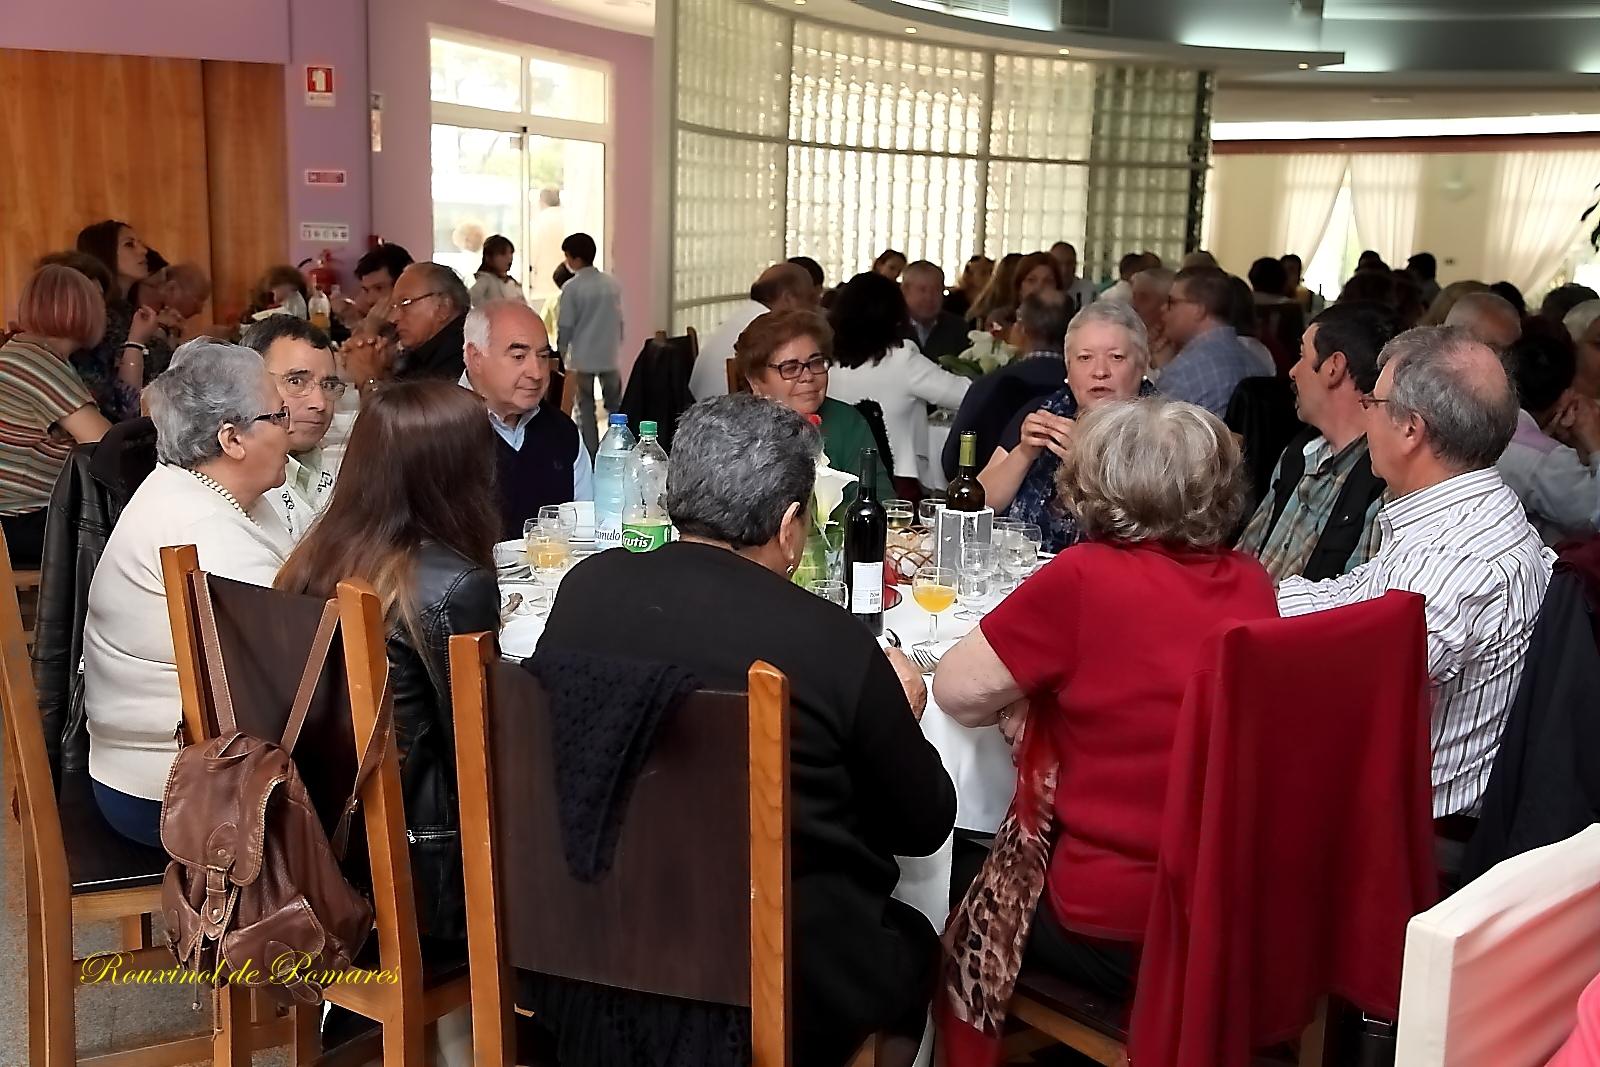 Almoço Comemoração 95 Anos Sociedade  (2)